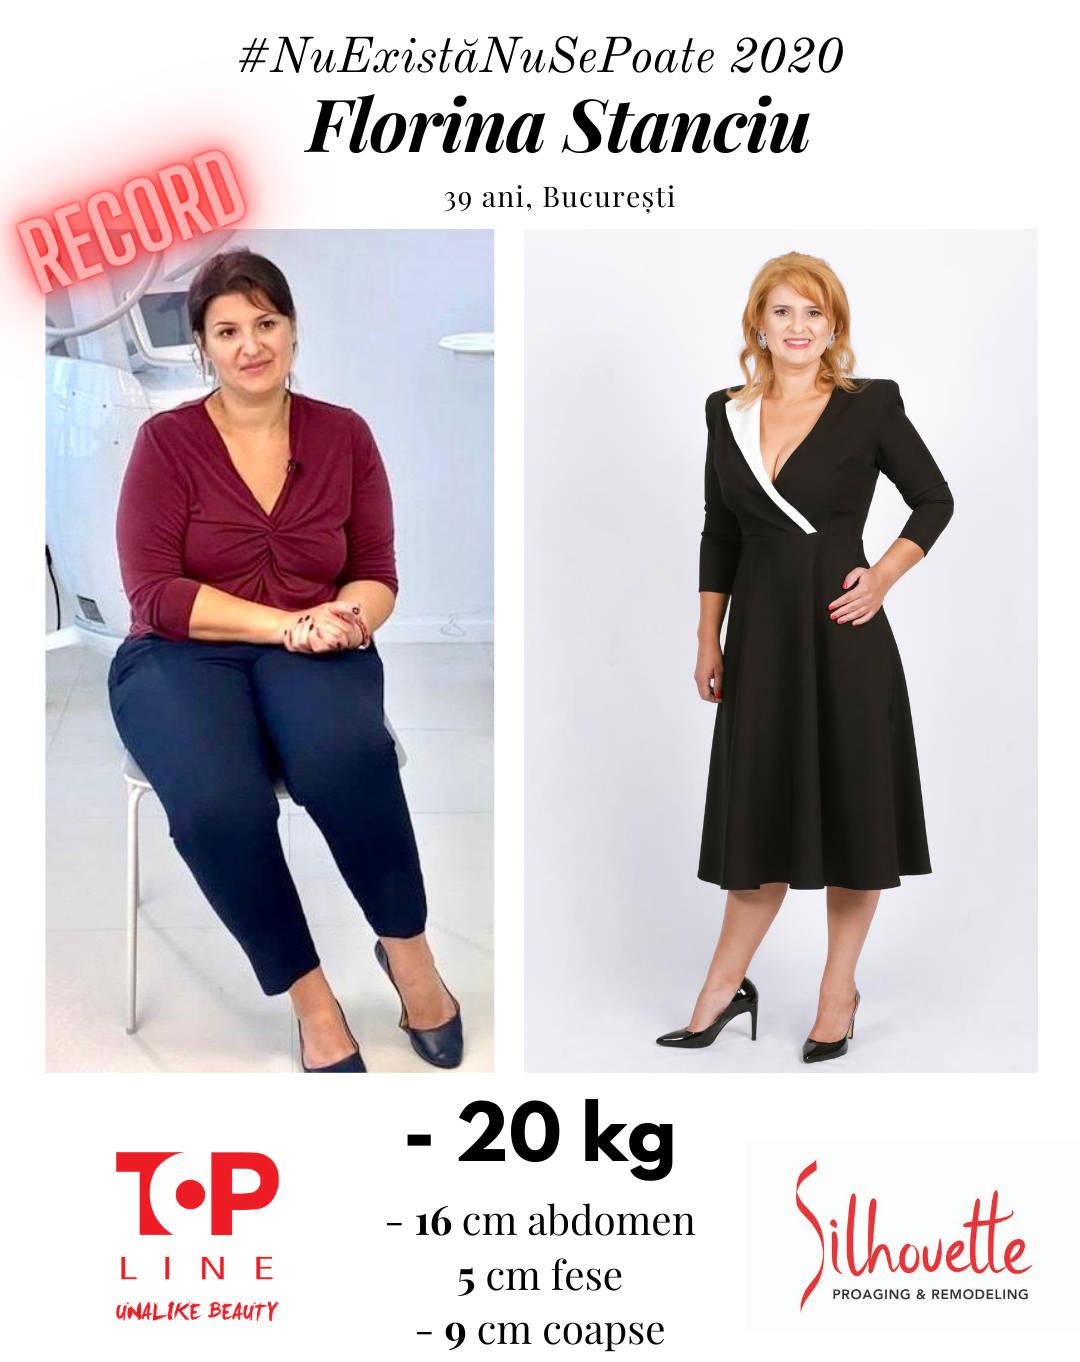 Seriale de televiziune pentru pierdere în greutate motive pentru perioadele neregulate și pierderea în greutate